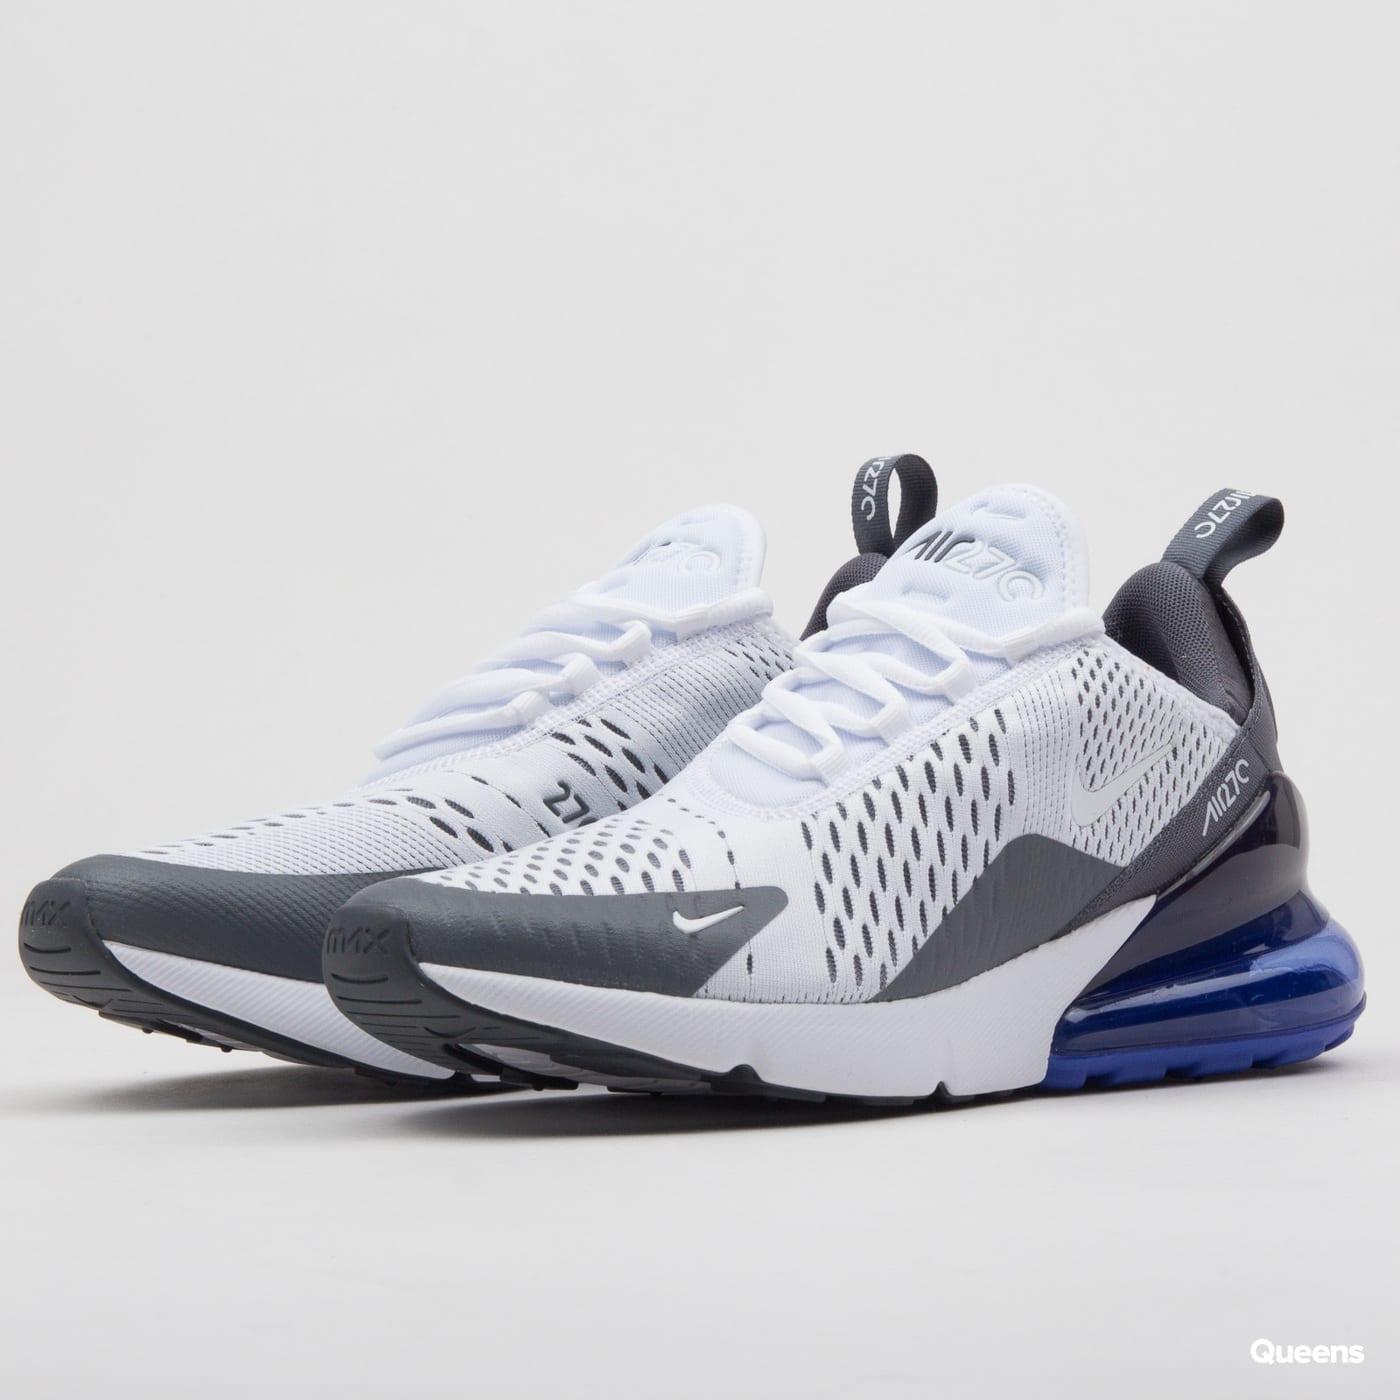 1a164361591 Boty Nike Air Max 270 (AH8050-107) – Queens 💚